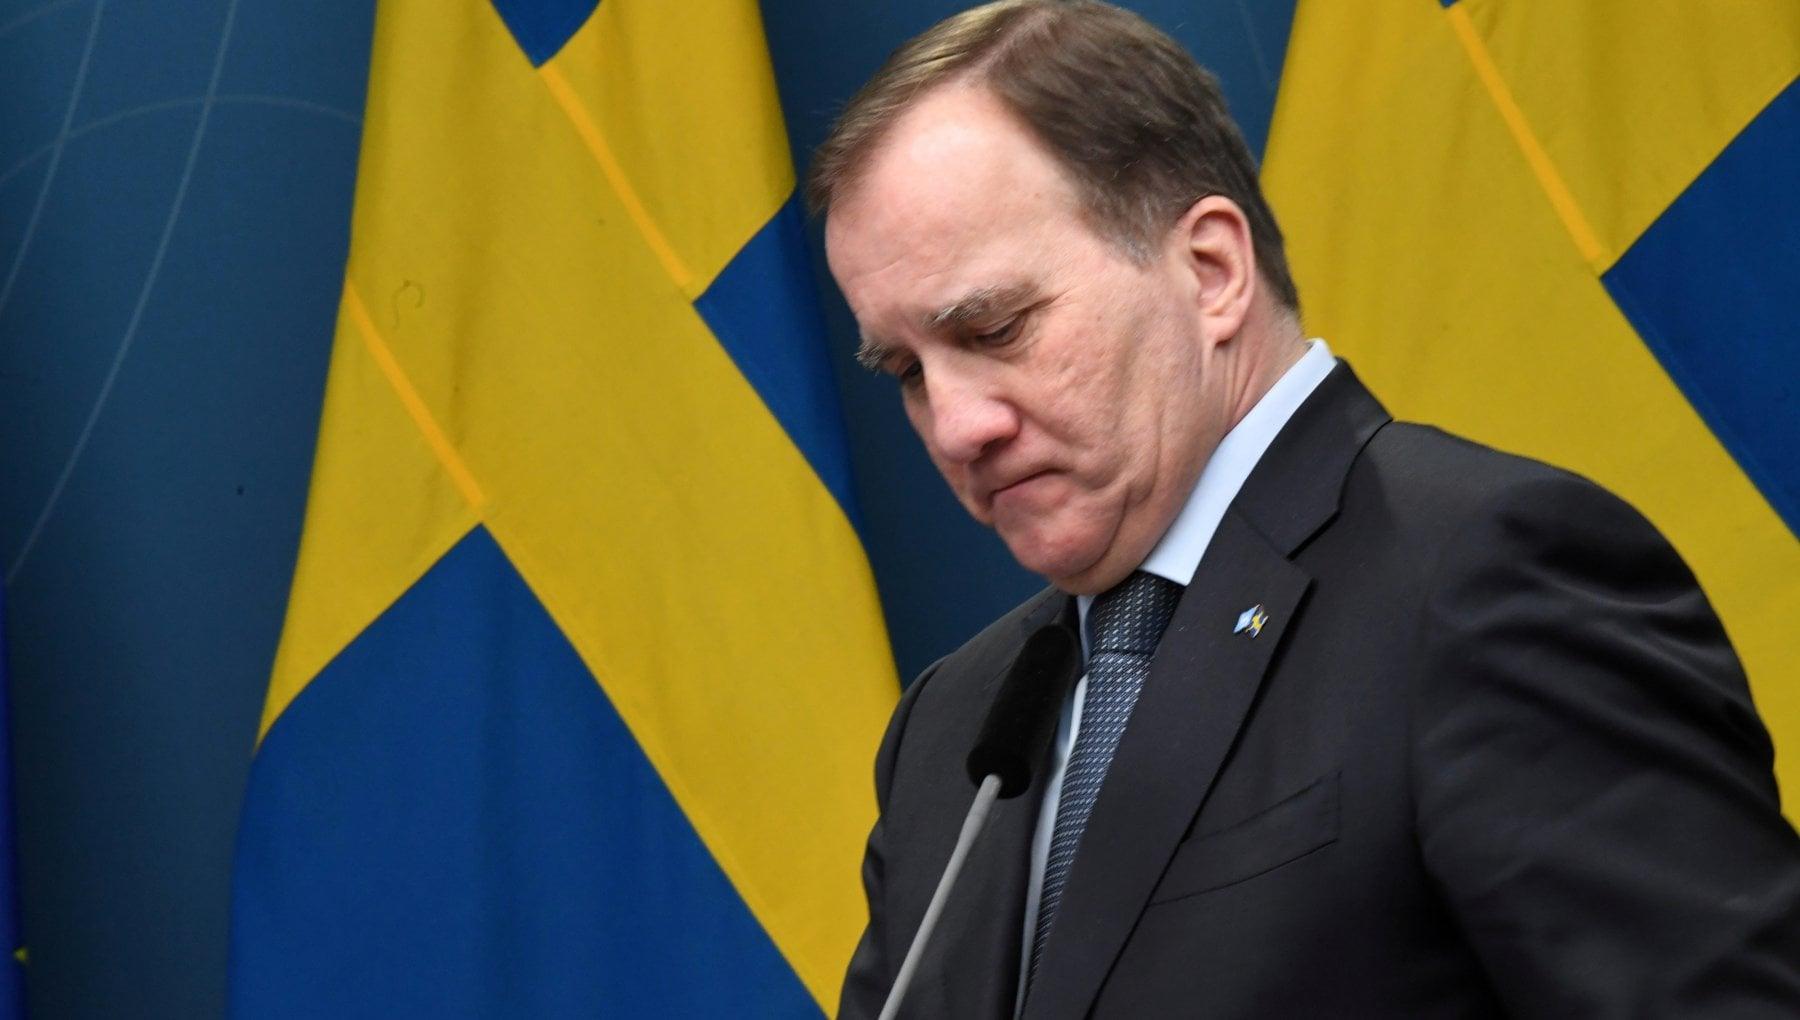 Coronavirus la Svezia cambia rotta via libera a chiusure e multe